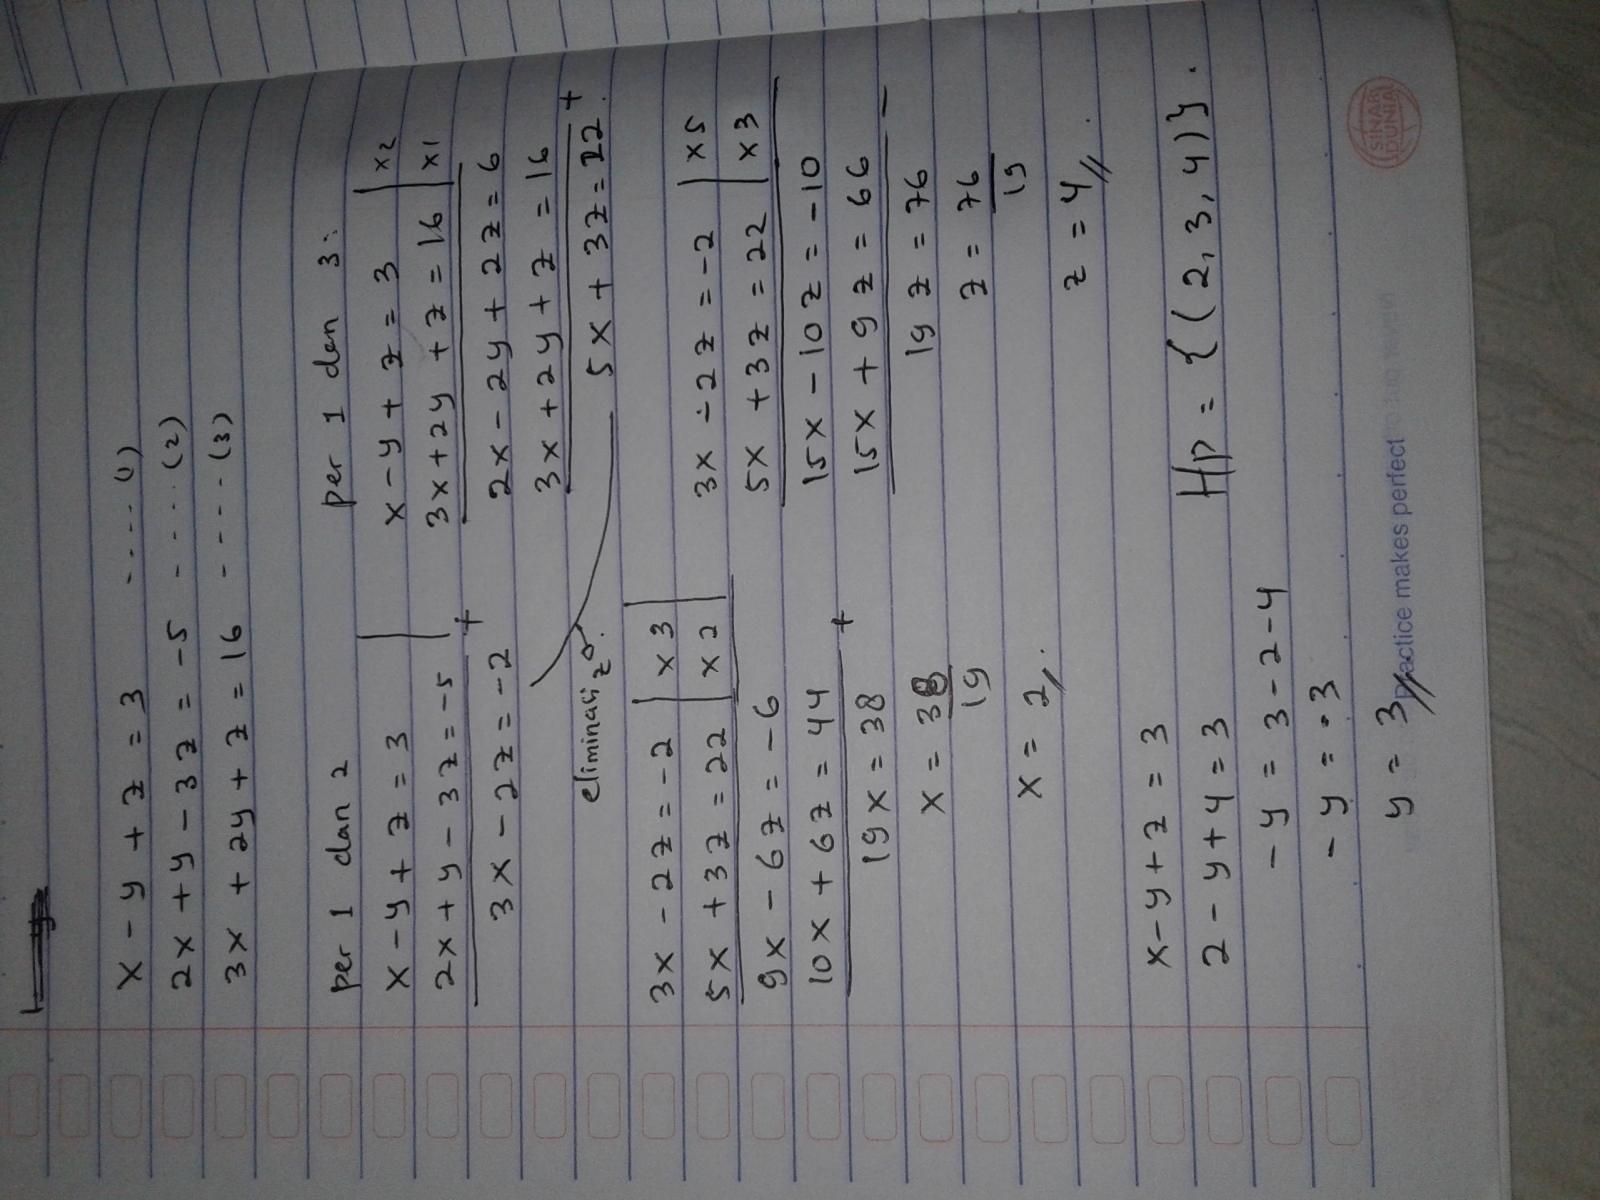 Z=16-X^2